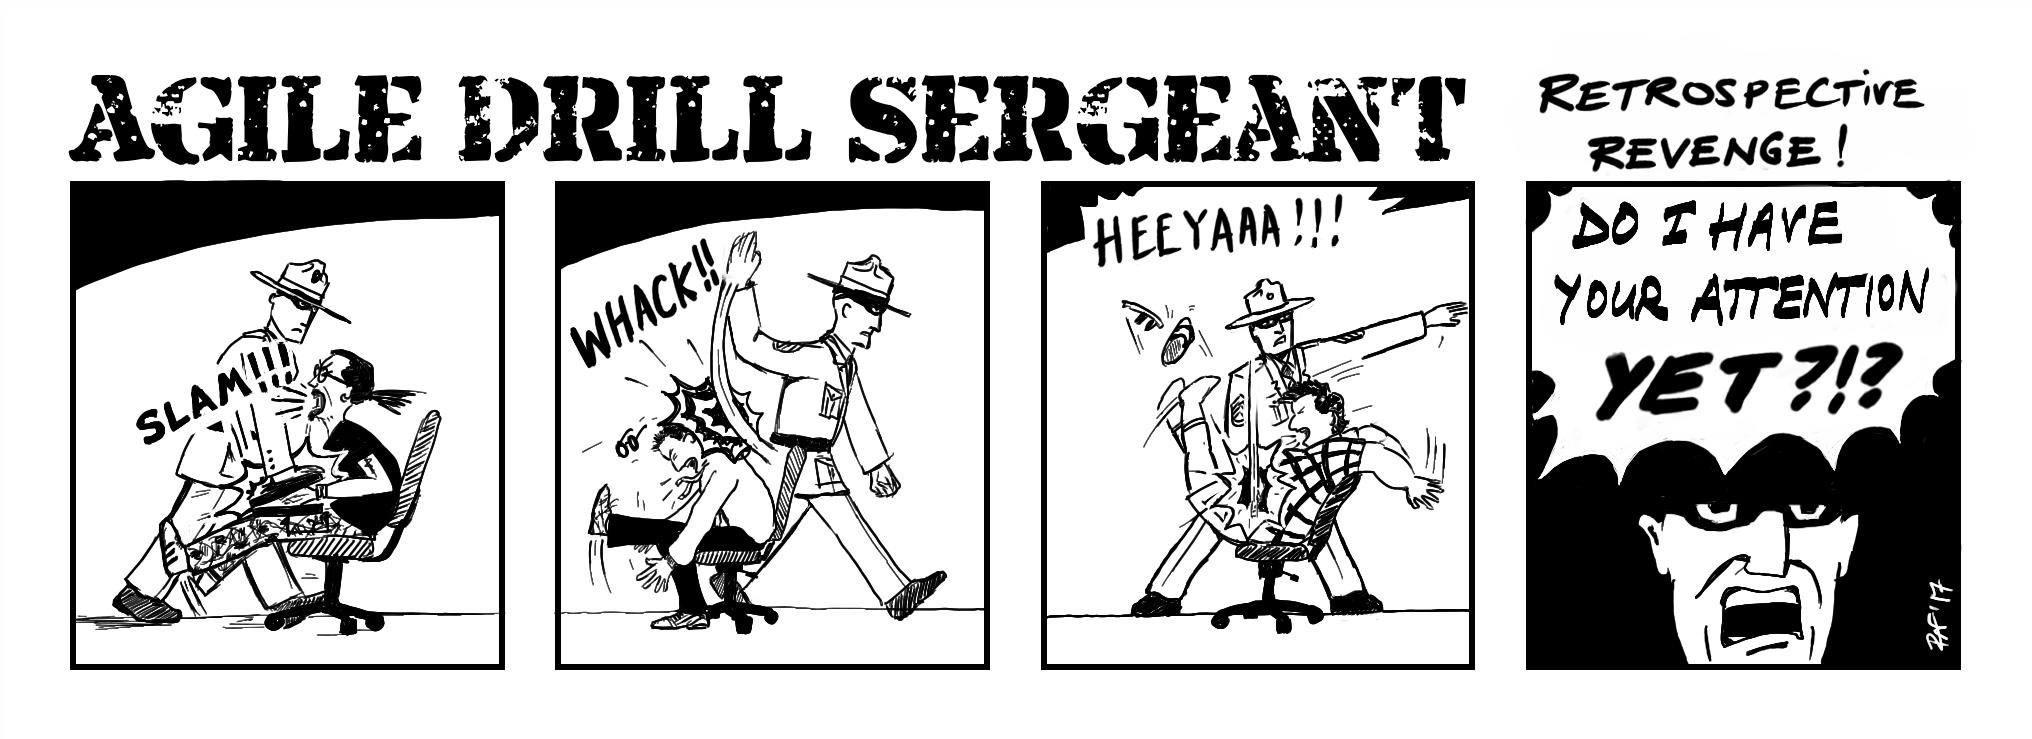 Retrospective Revenge